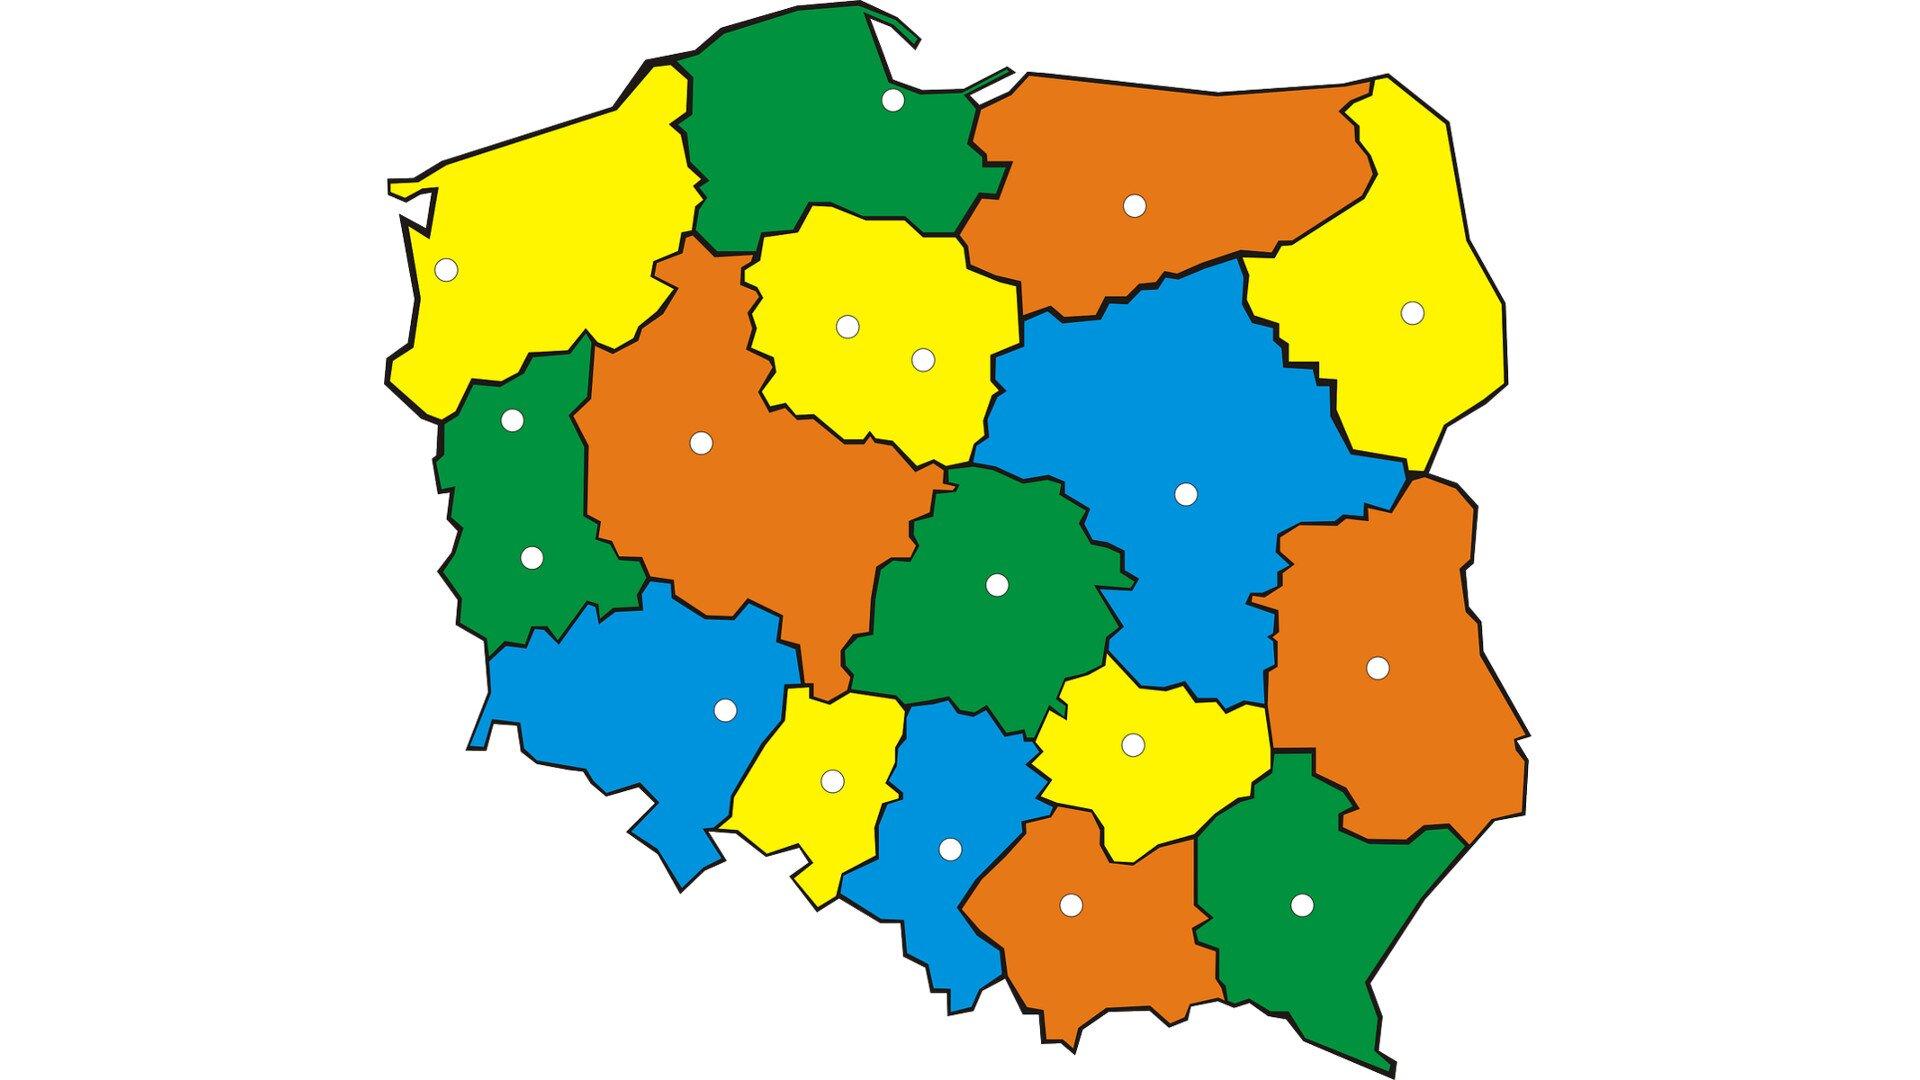 baner do Samorząd terytorialny Źródło: pixabay, licencja: CC 0.